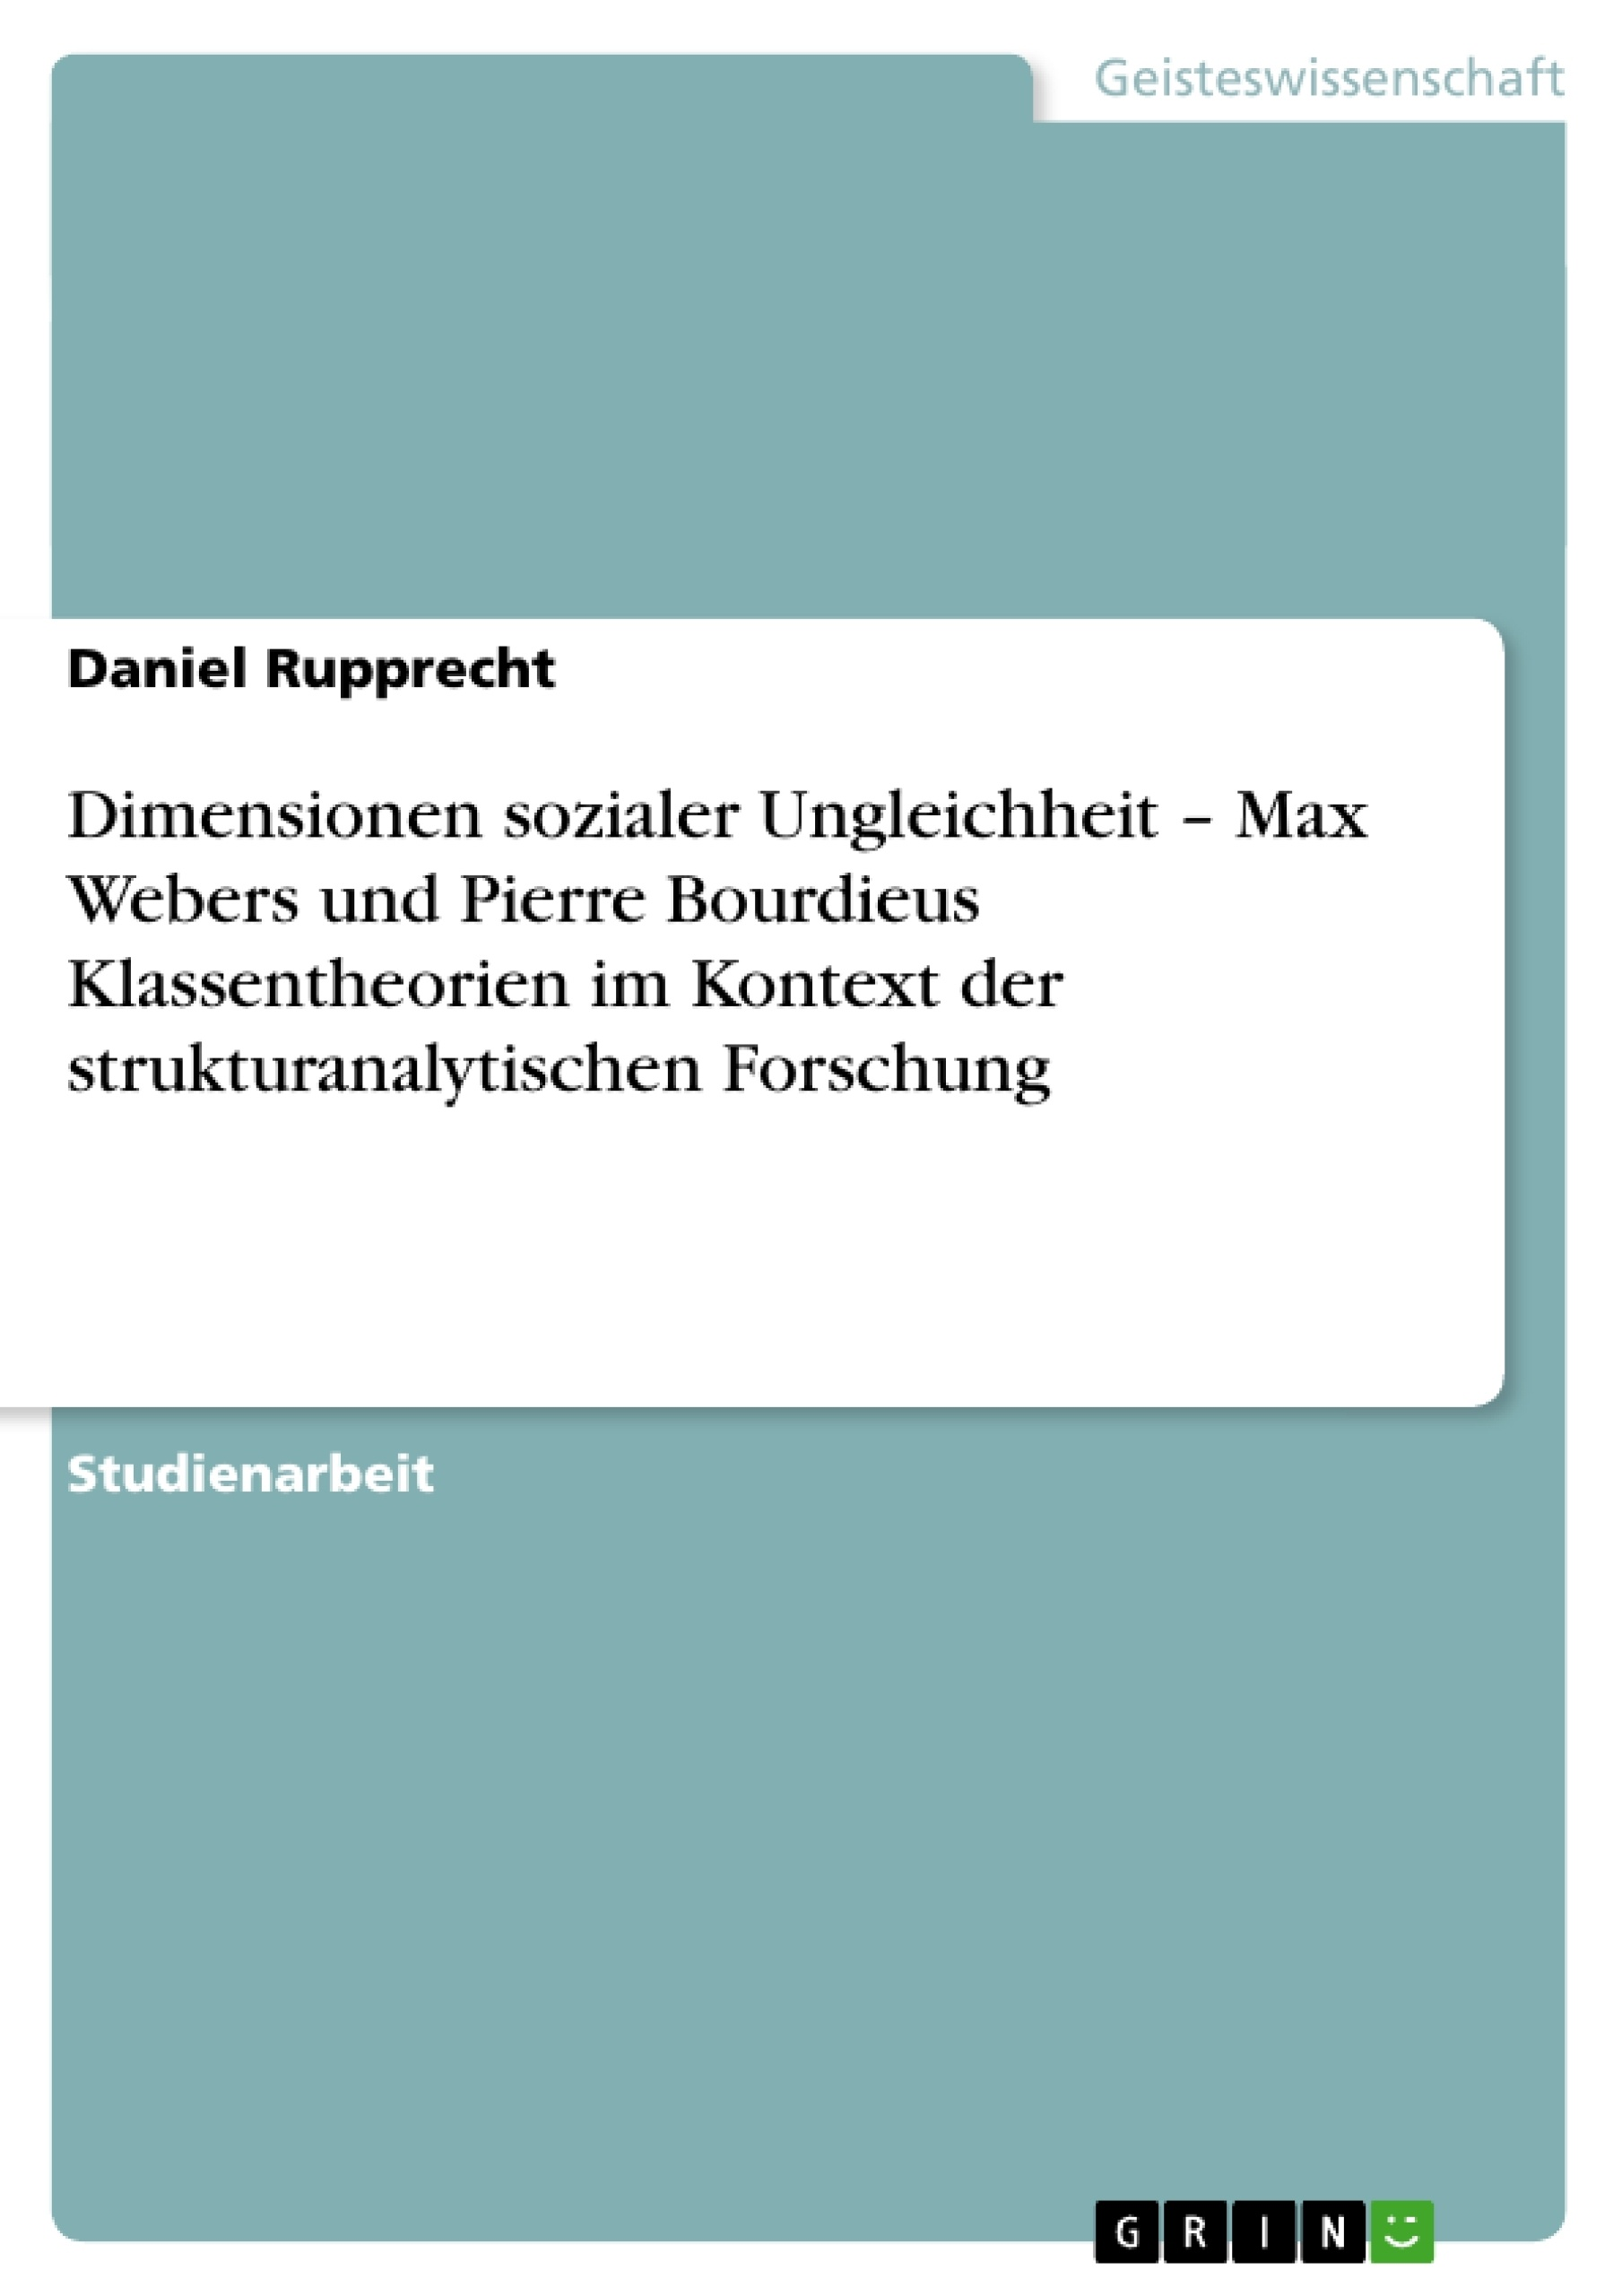 Titel: Dimensionen sozialer Ungleichheit – Max Webers und Pierre Bourdieus Klassentheorien im Kontext der strukturanalytischen Forschung